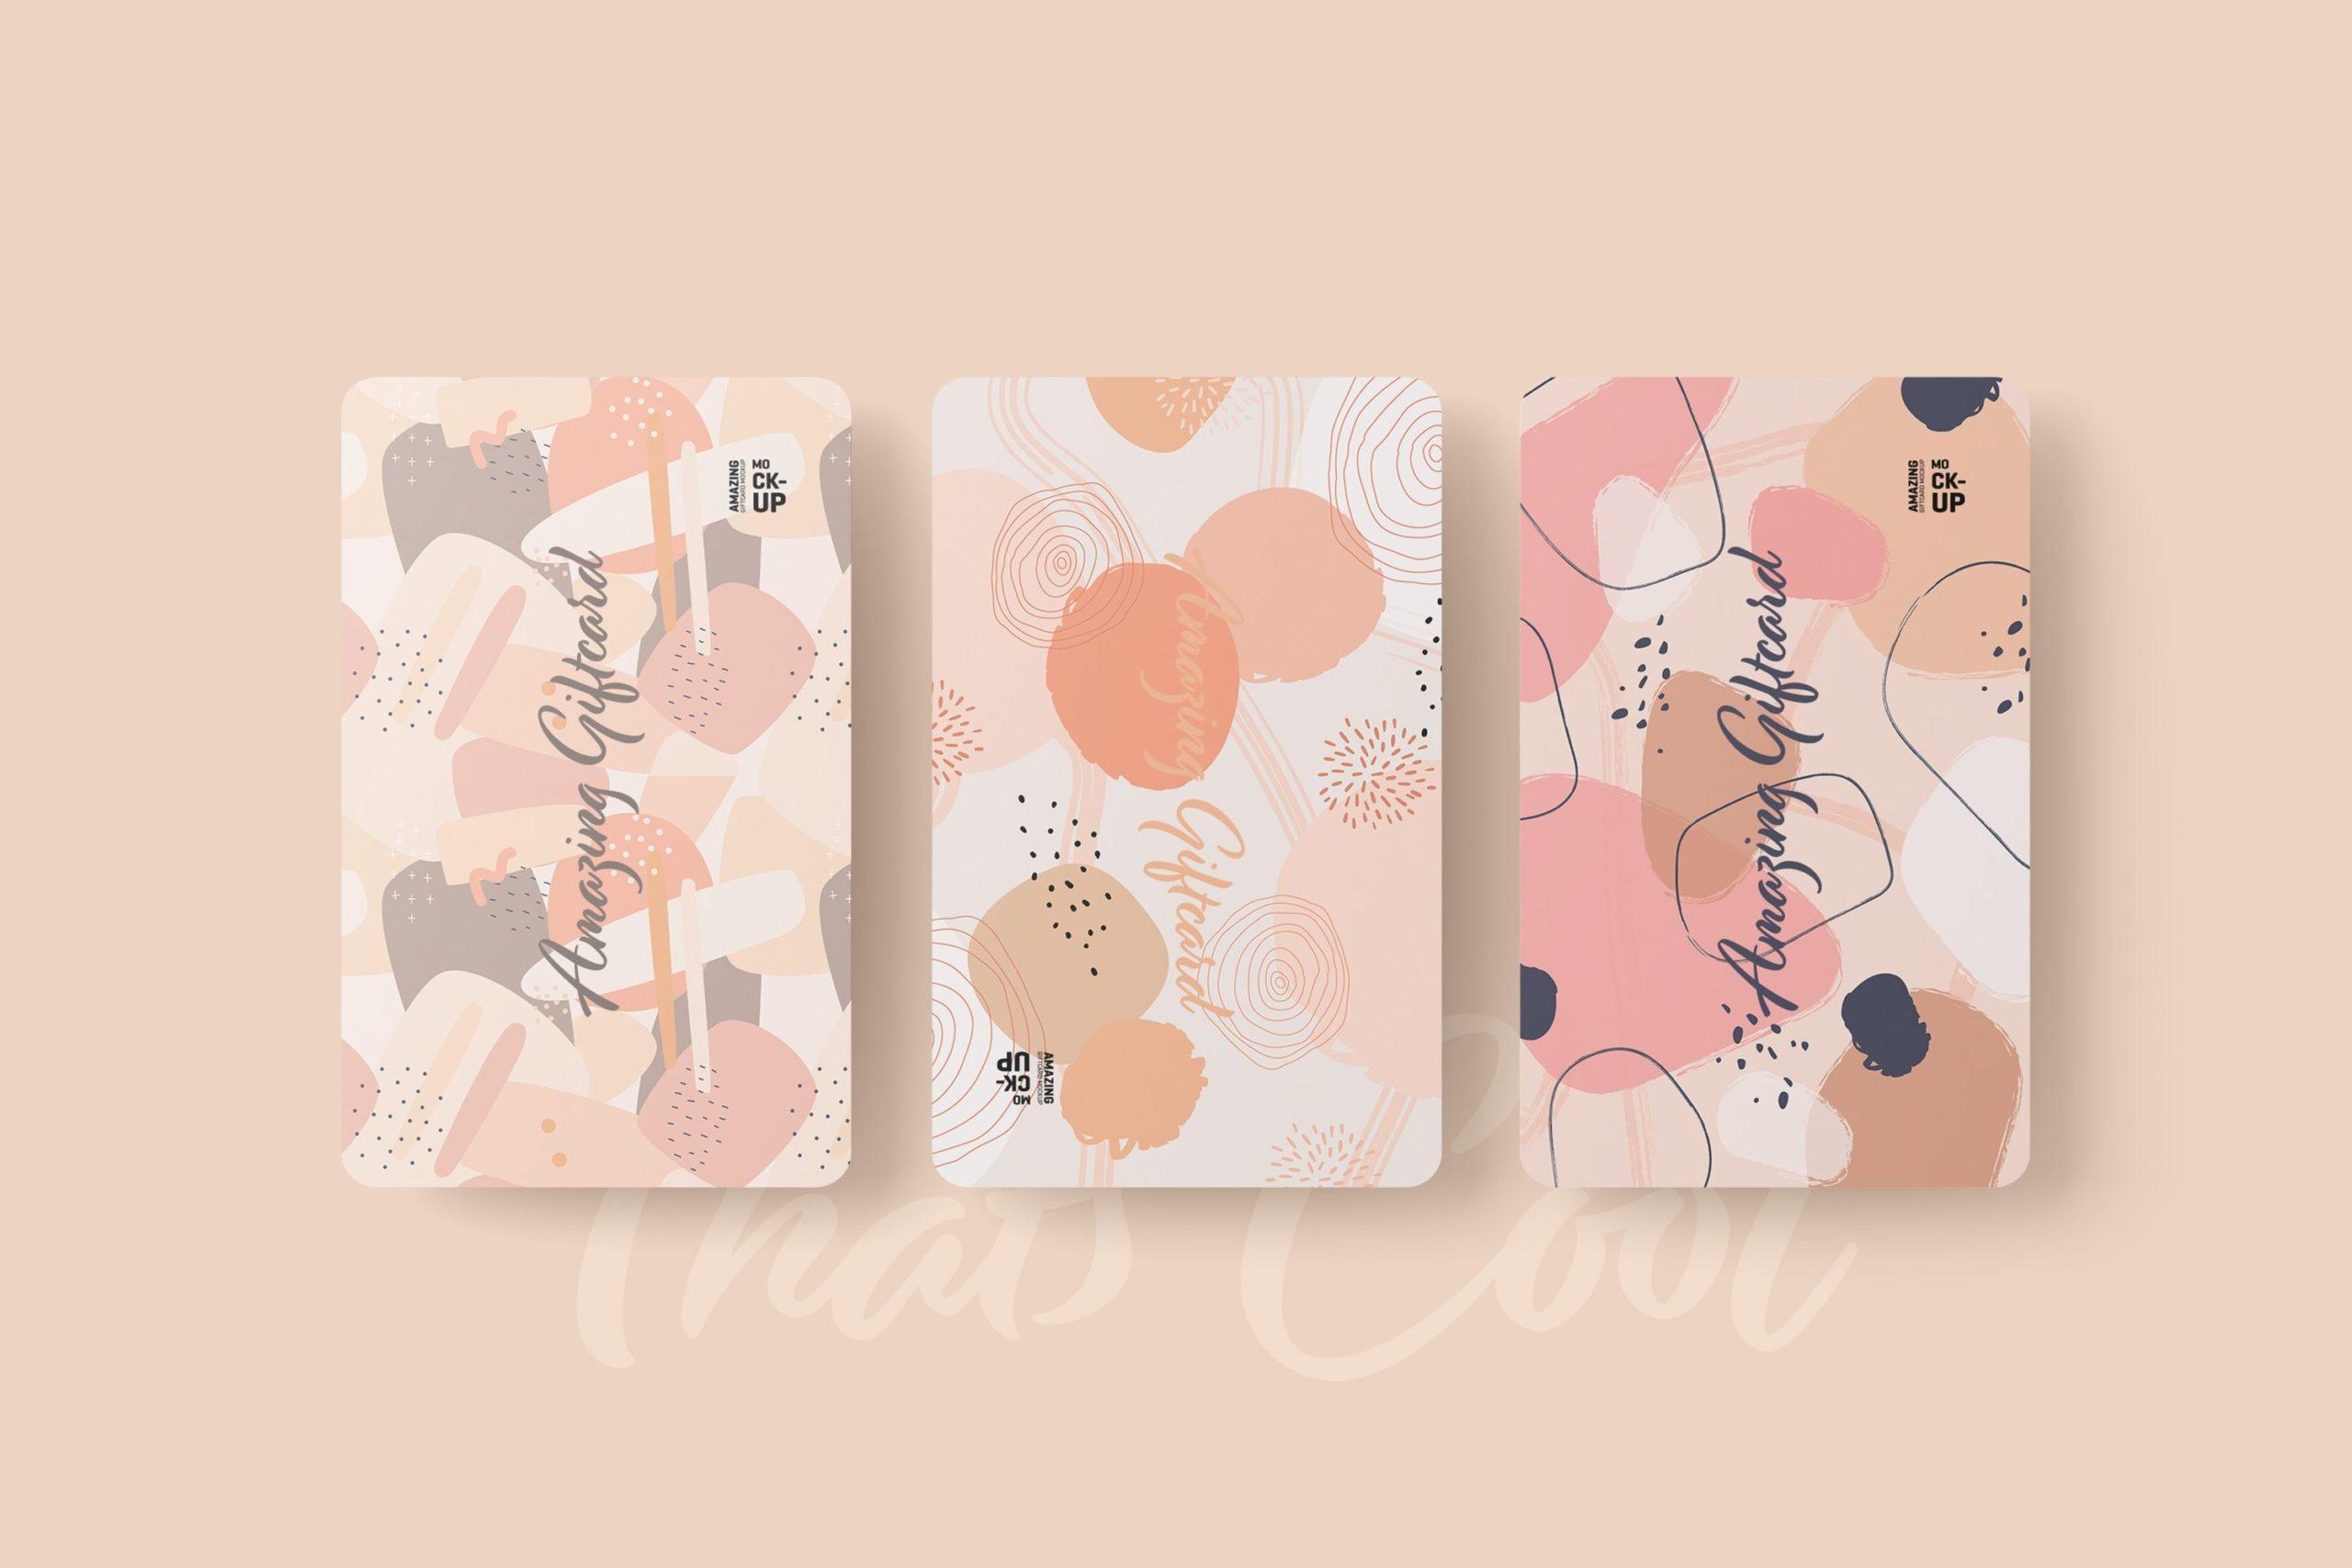 11款名片礼品卡设计展示贴图样机模板 Gift Card Mockup插图2